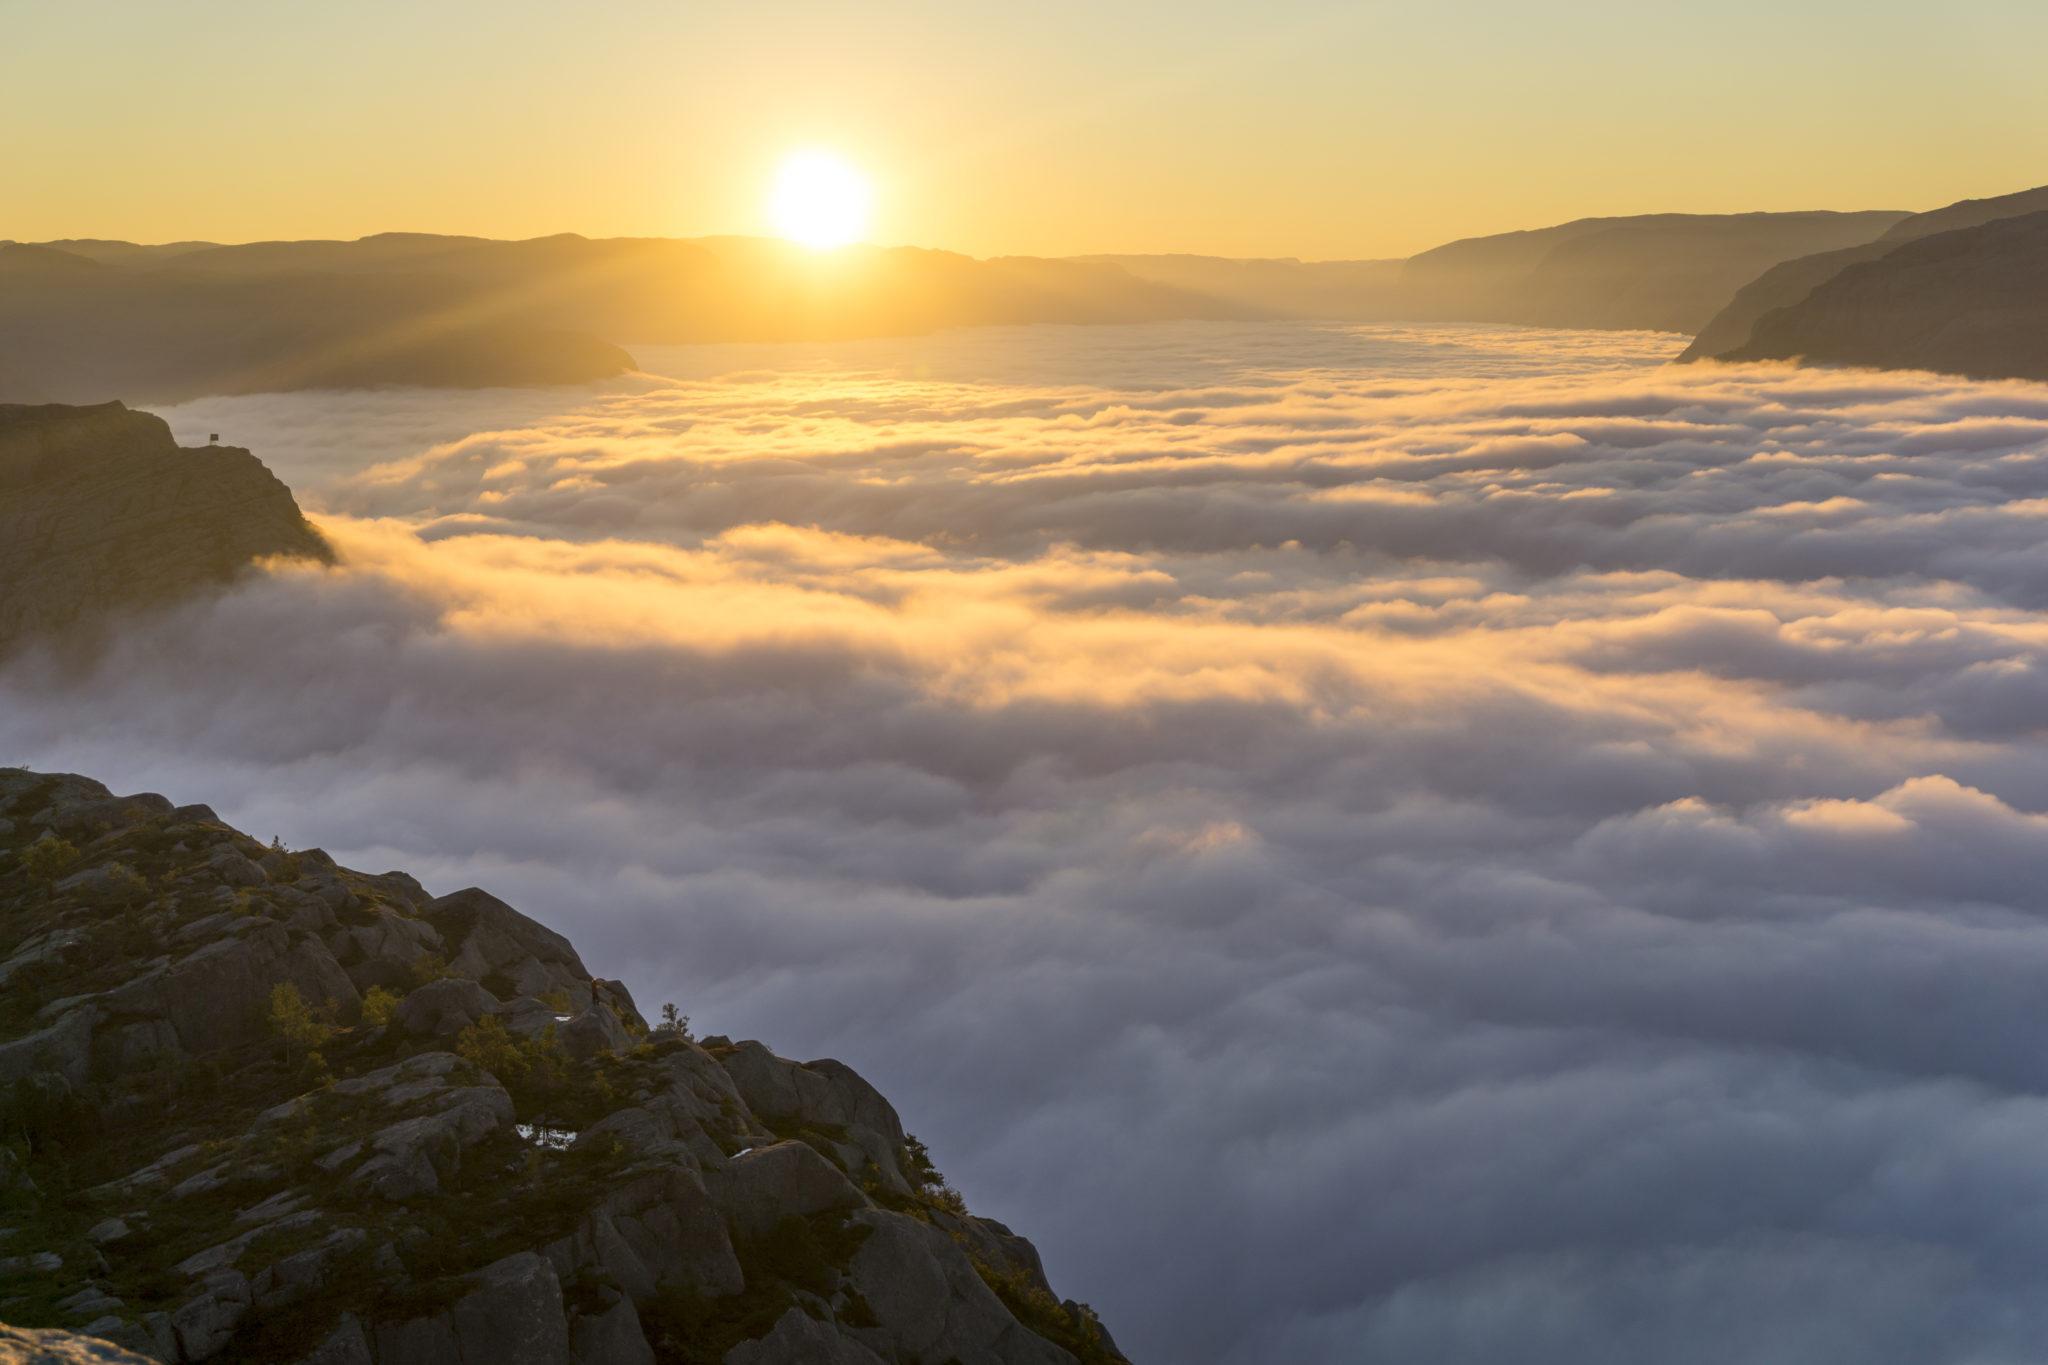 preikestolen sunrise hike explore lysefjorden